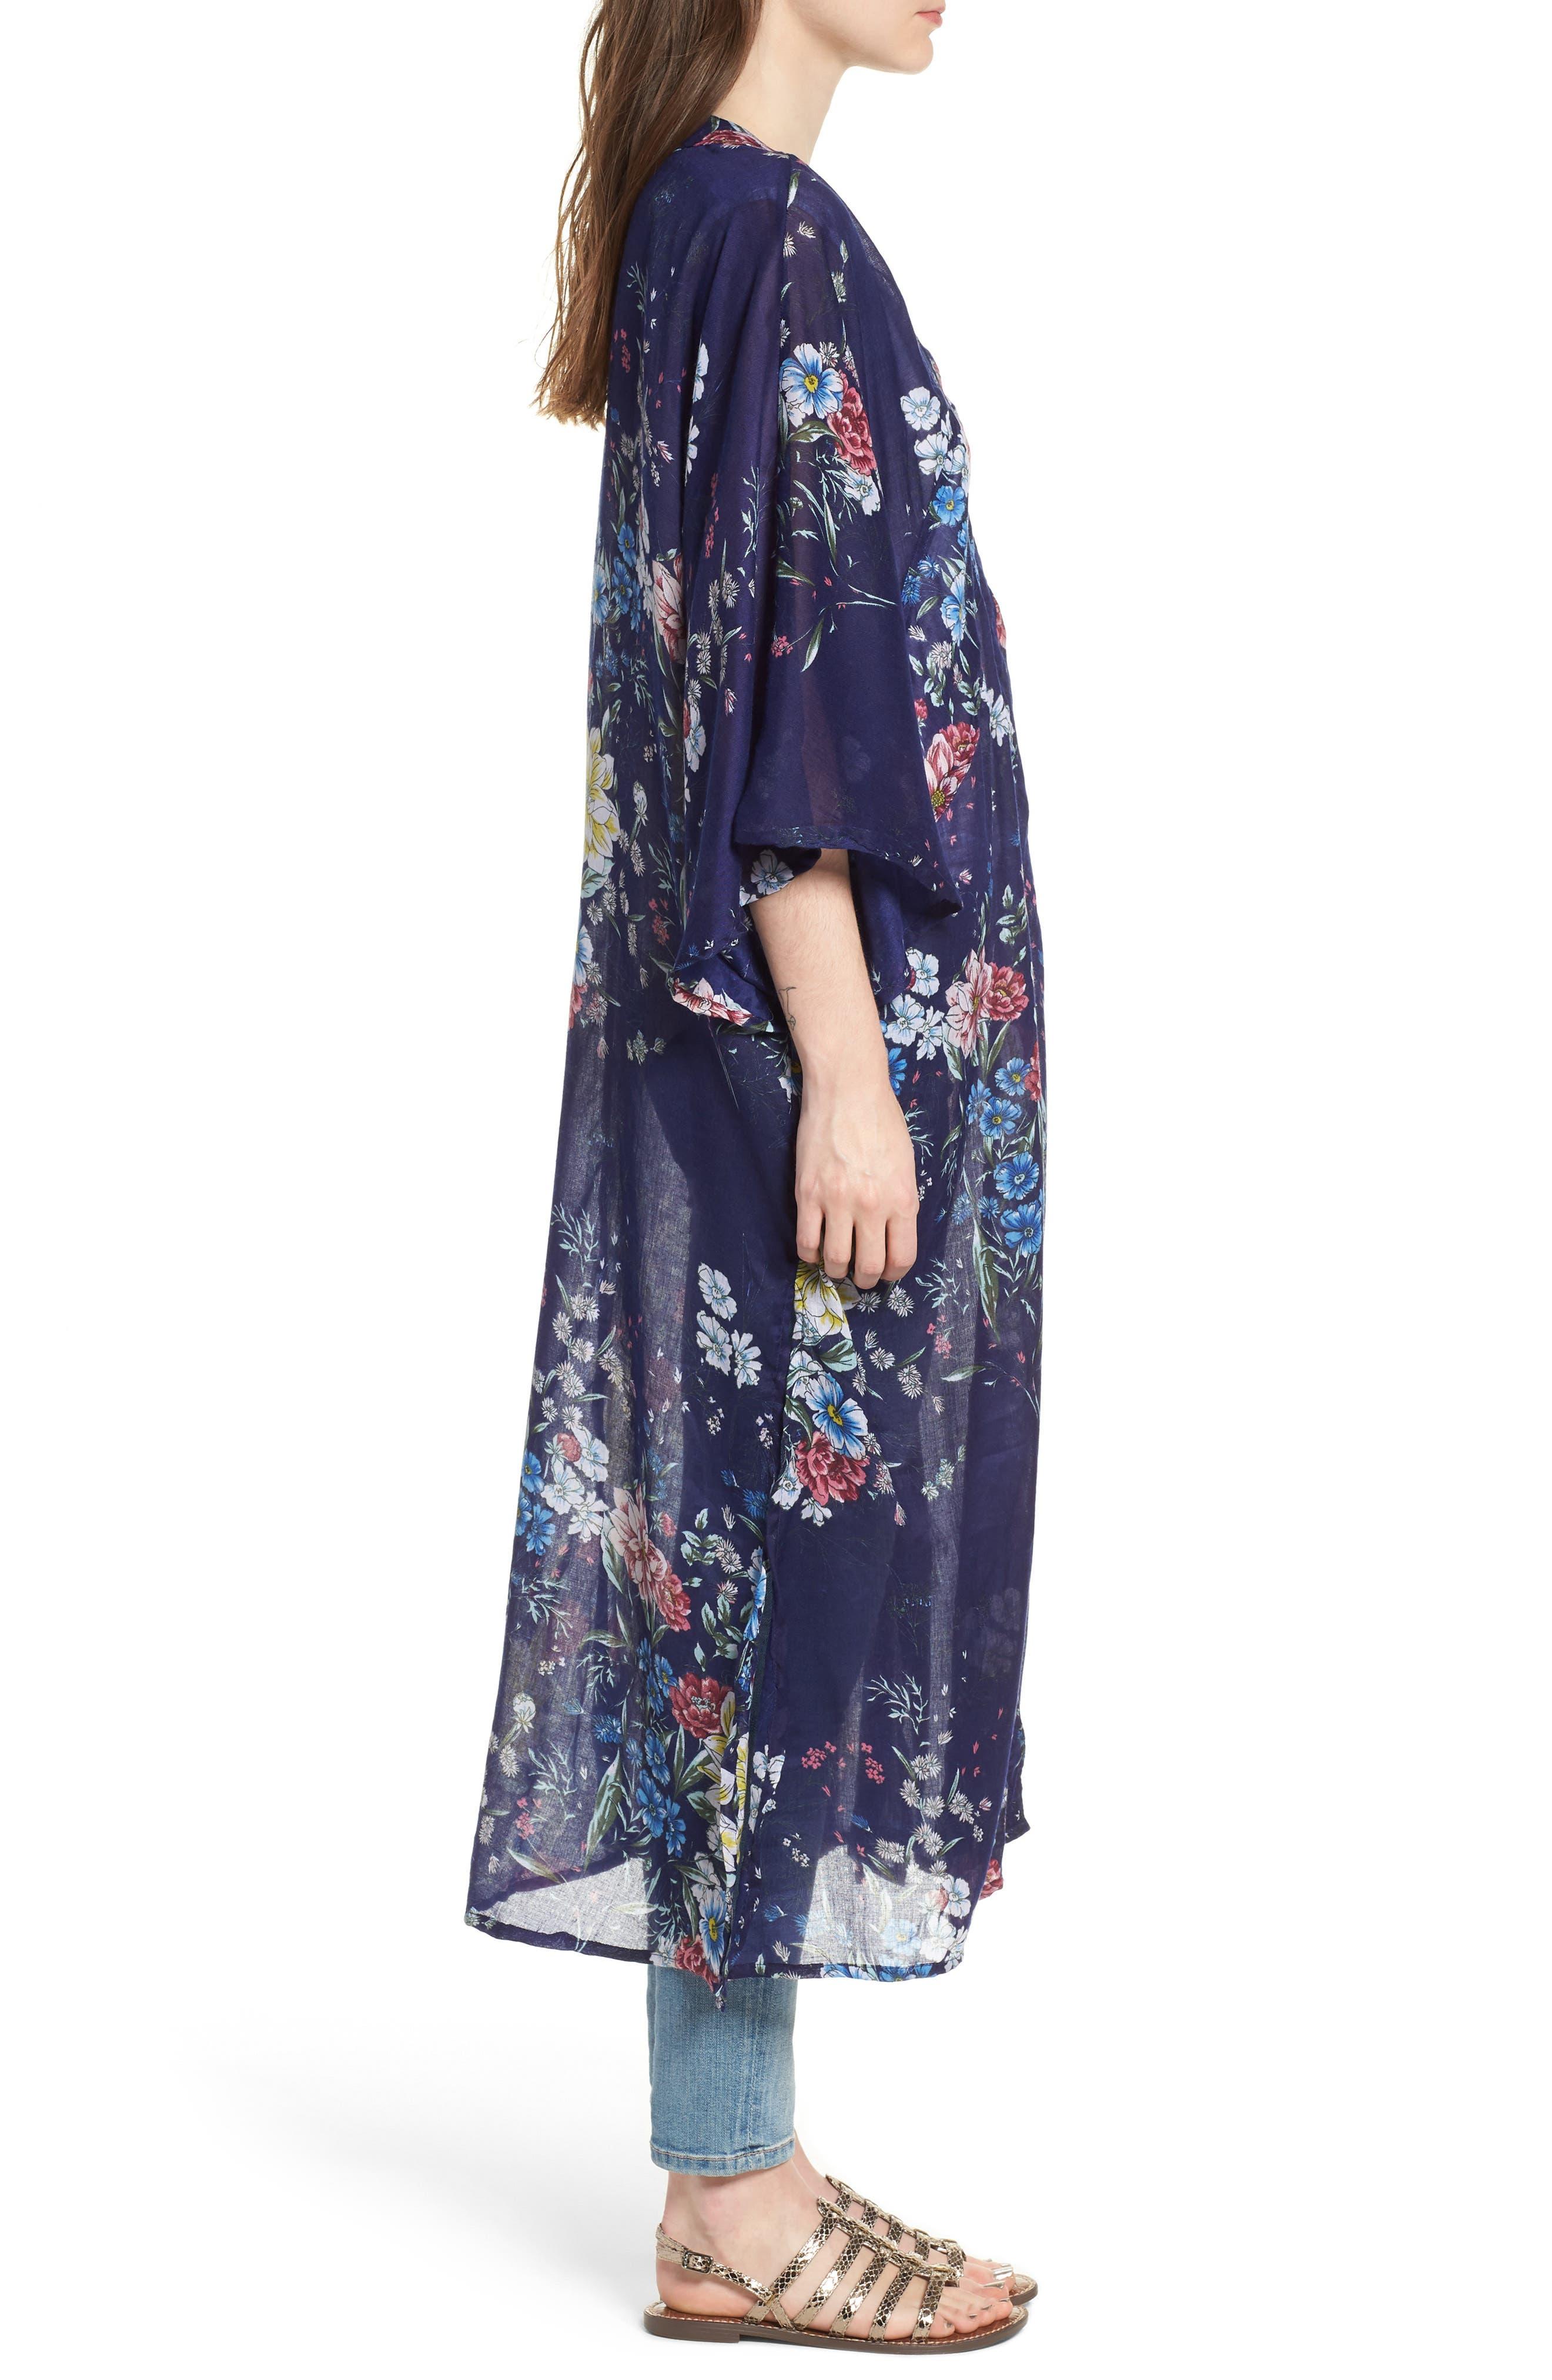 STEVE MADDEN,                             Floral Kimono Duster,                             Alternate thumbnail 3, color,                             410